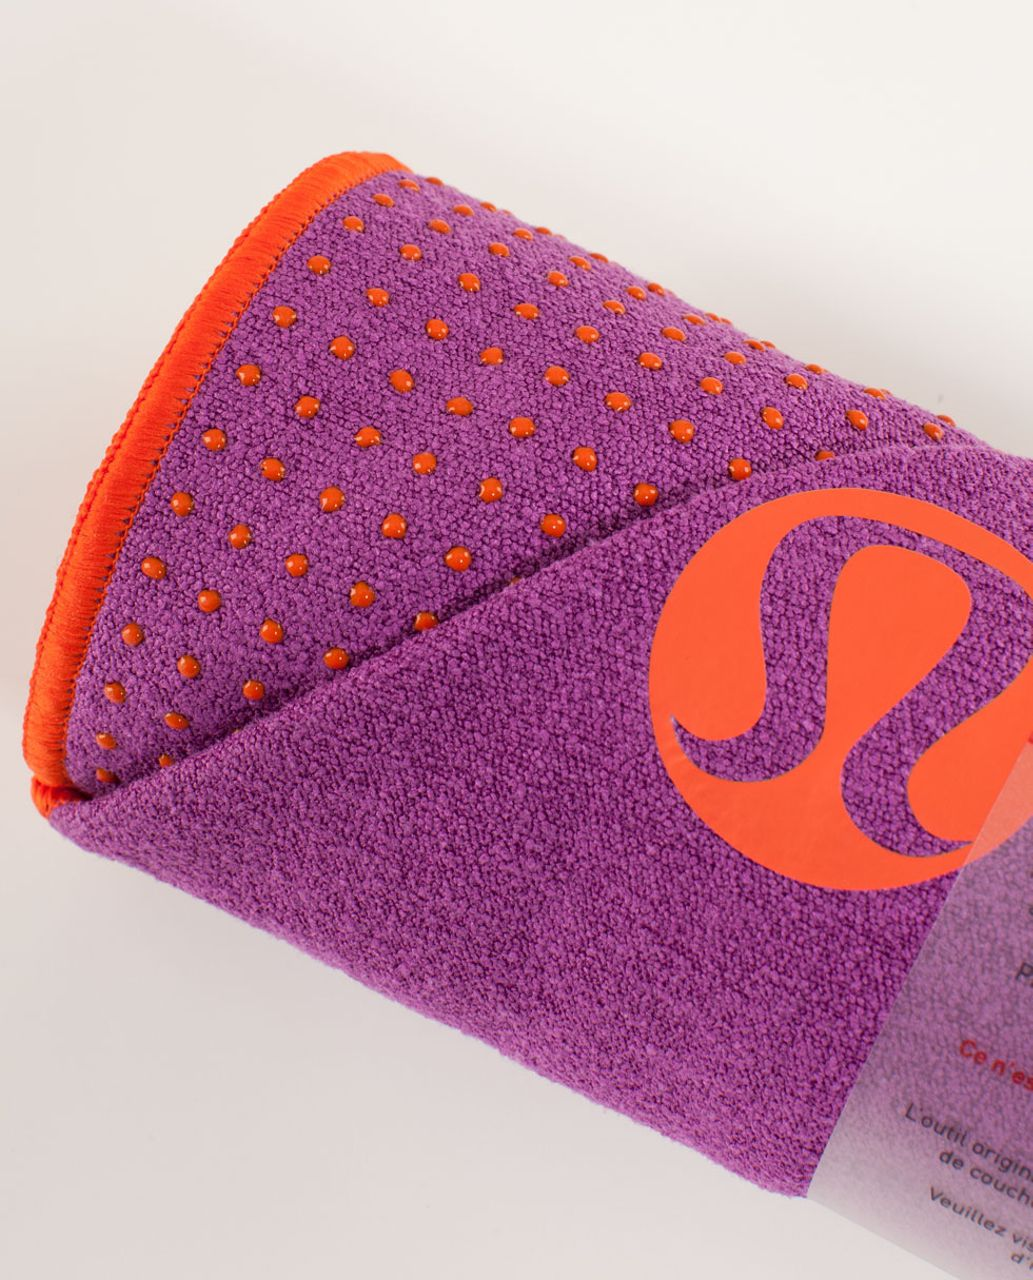 Lululemon Skidless Towel - Ultra Violet